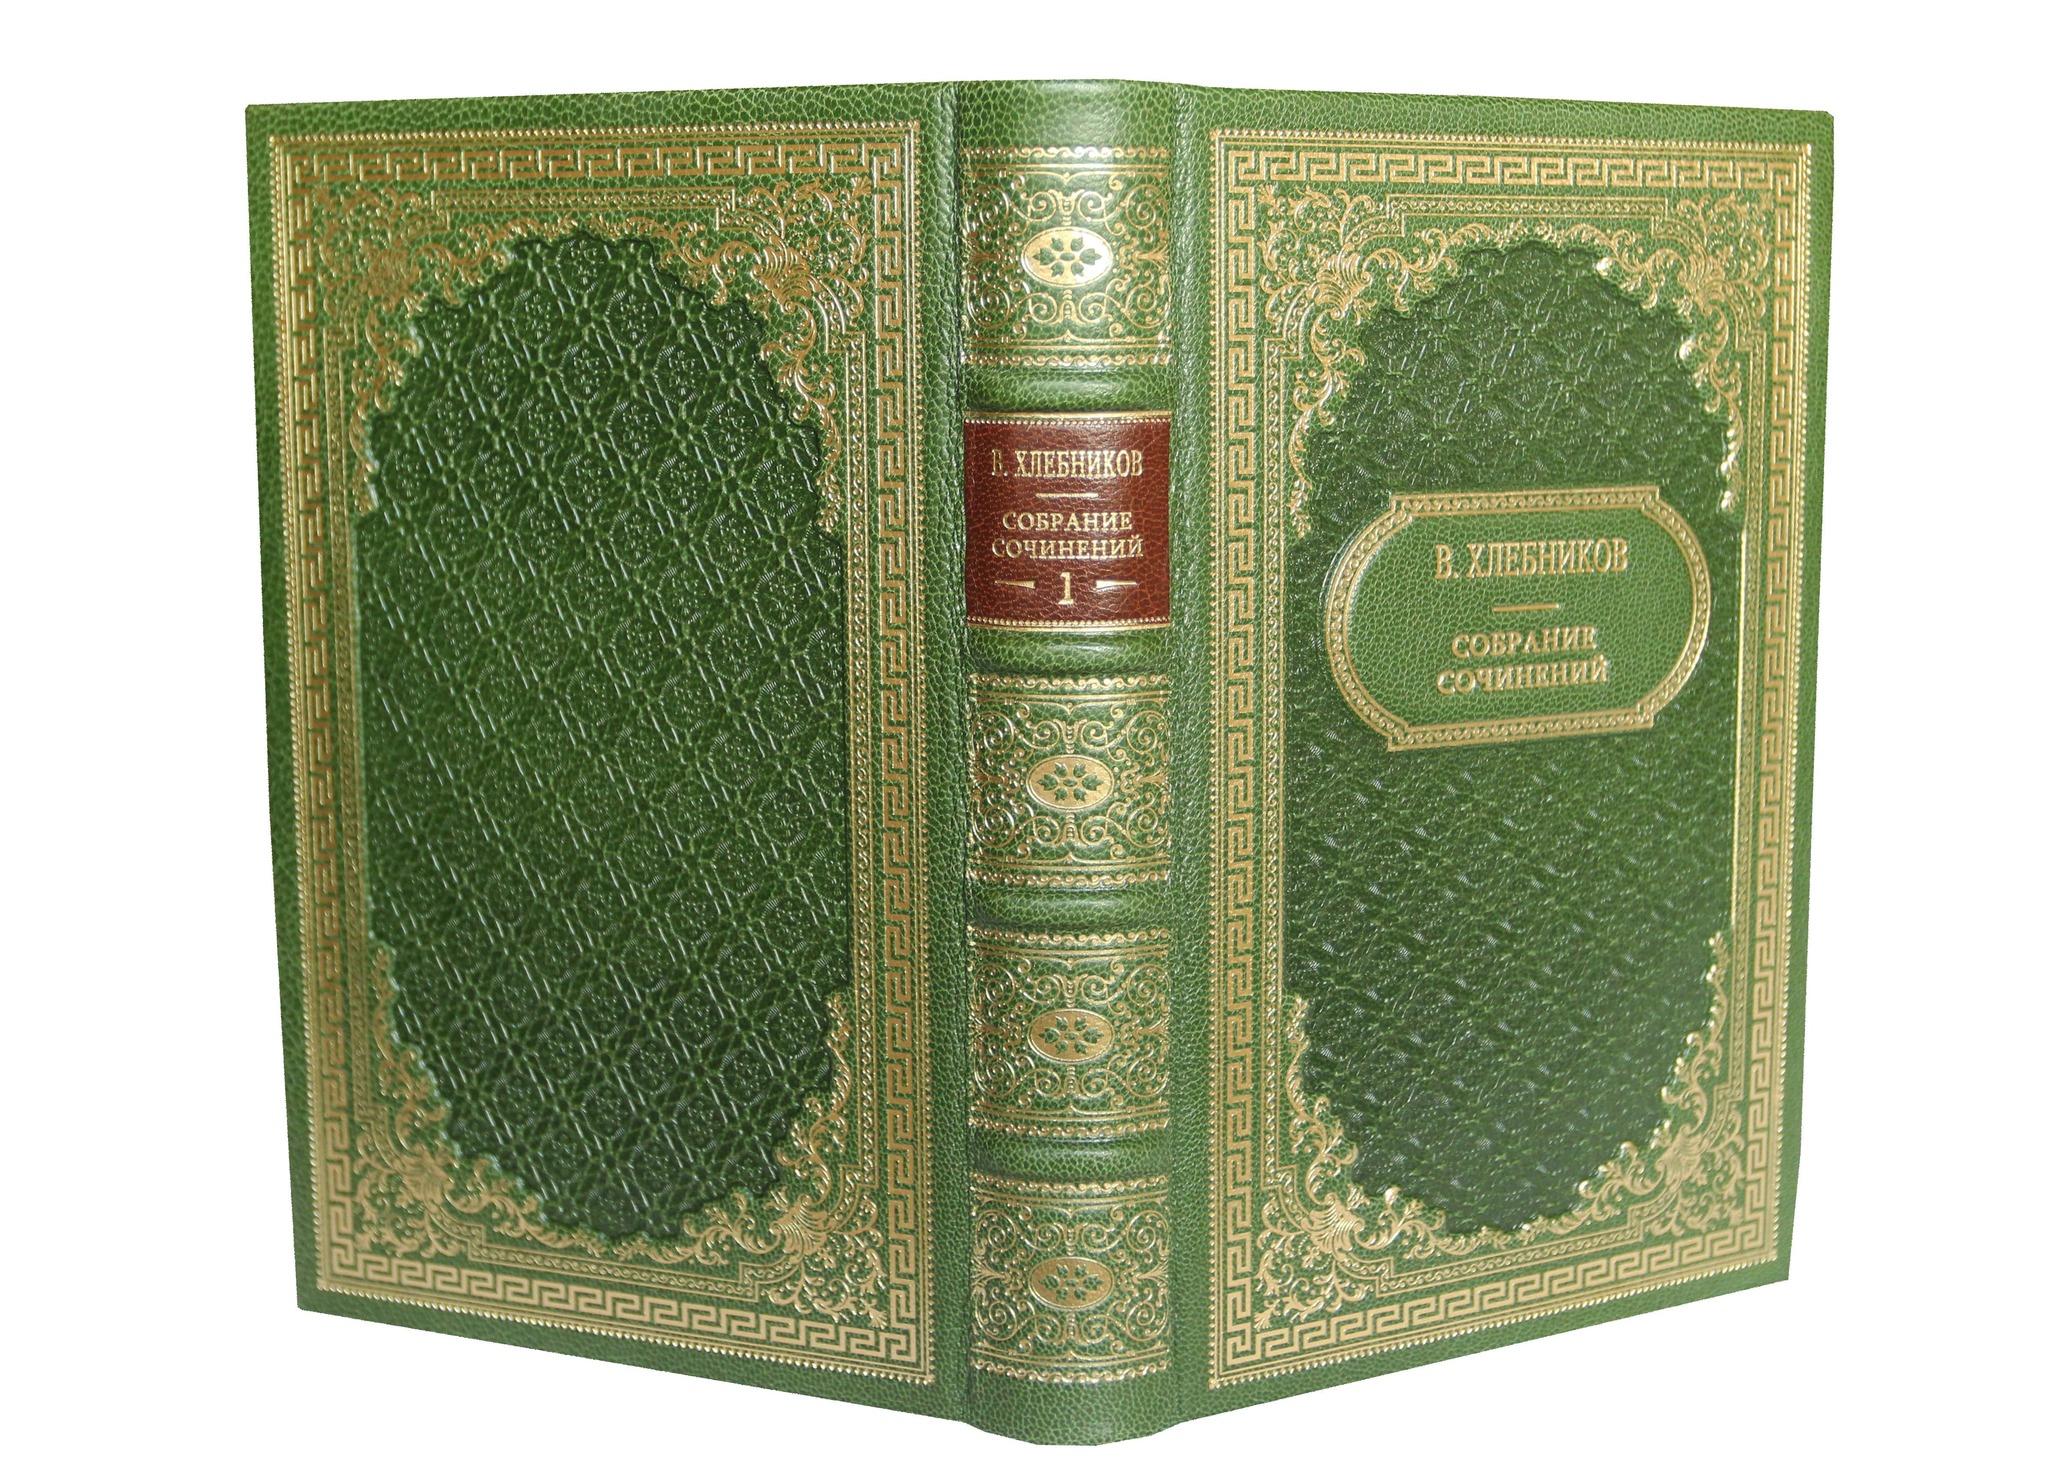 Хлебников В. Собрание сочинений в 6 томах (7 книгах)